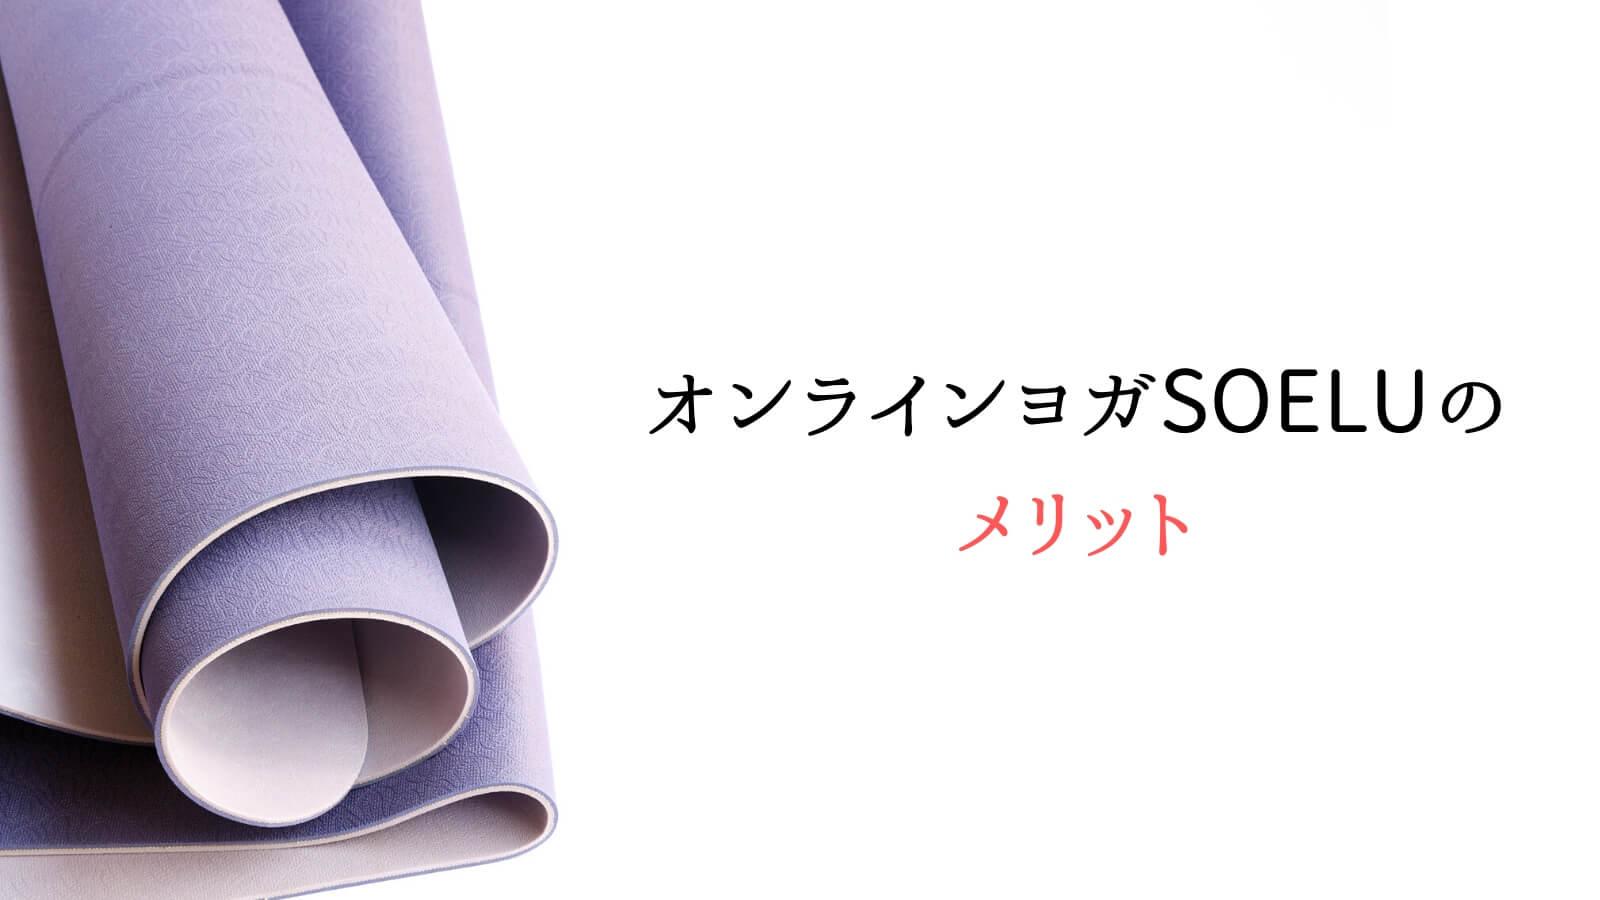 オンラインヨガSOELU(ソエル)のメリット